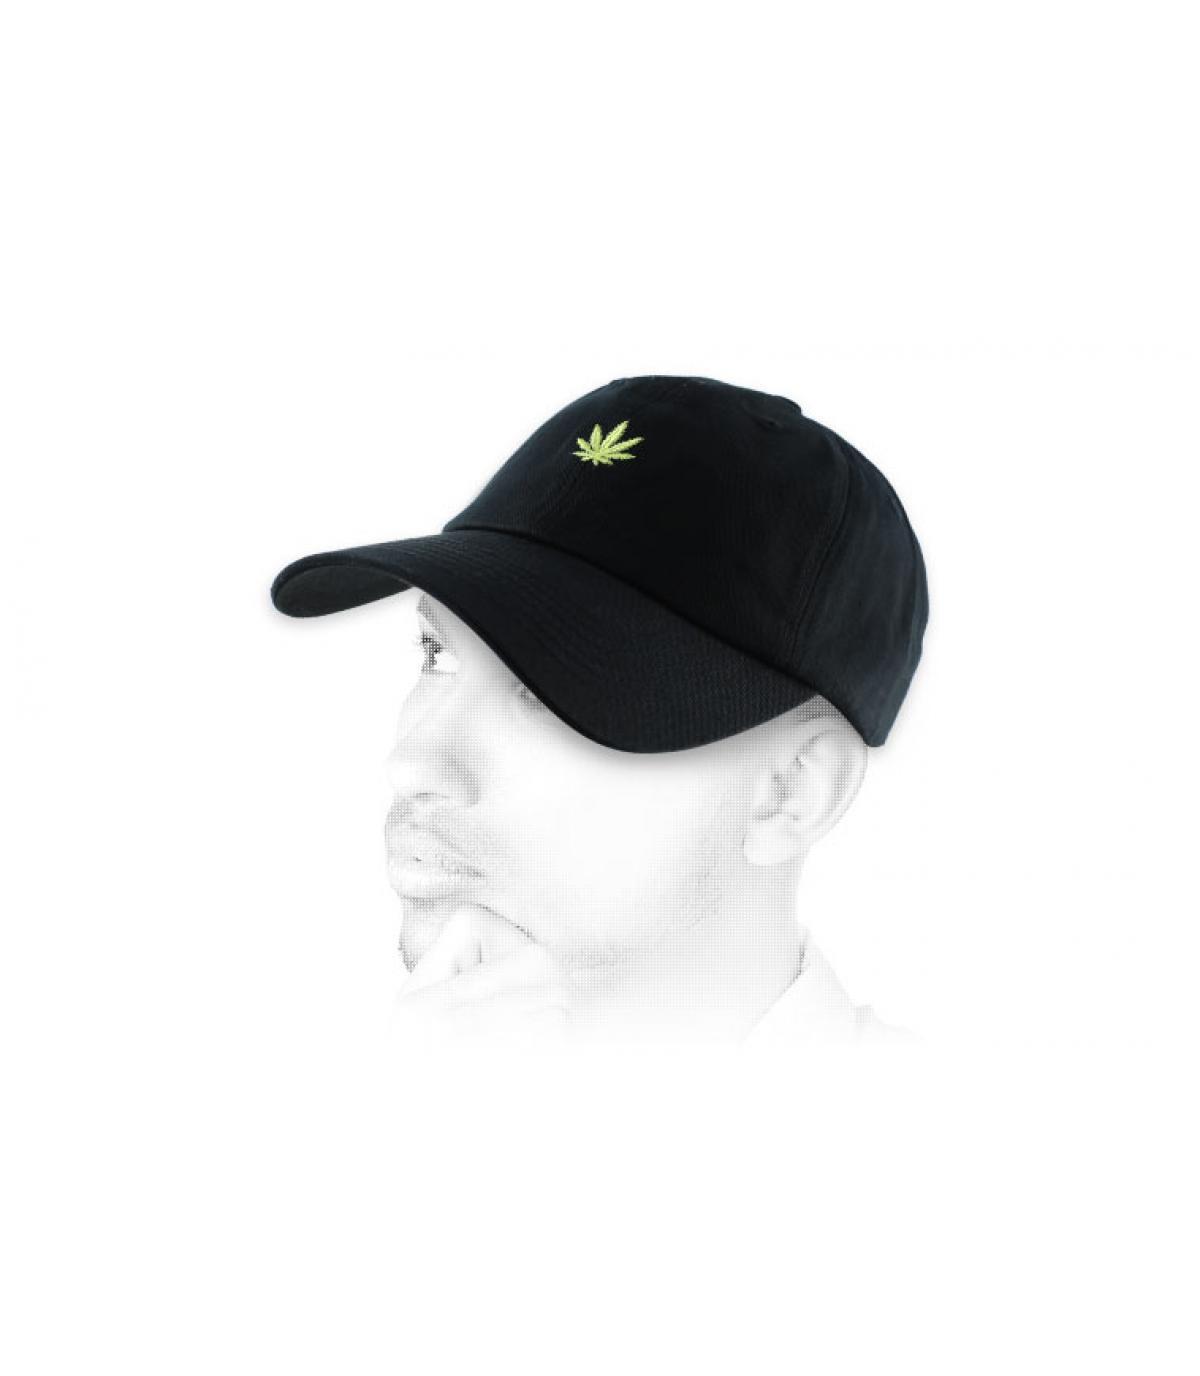 Casquette cannabis noire